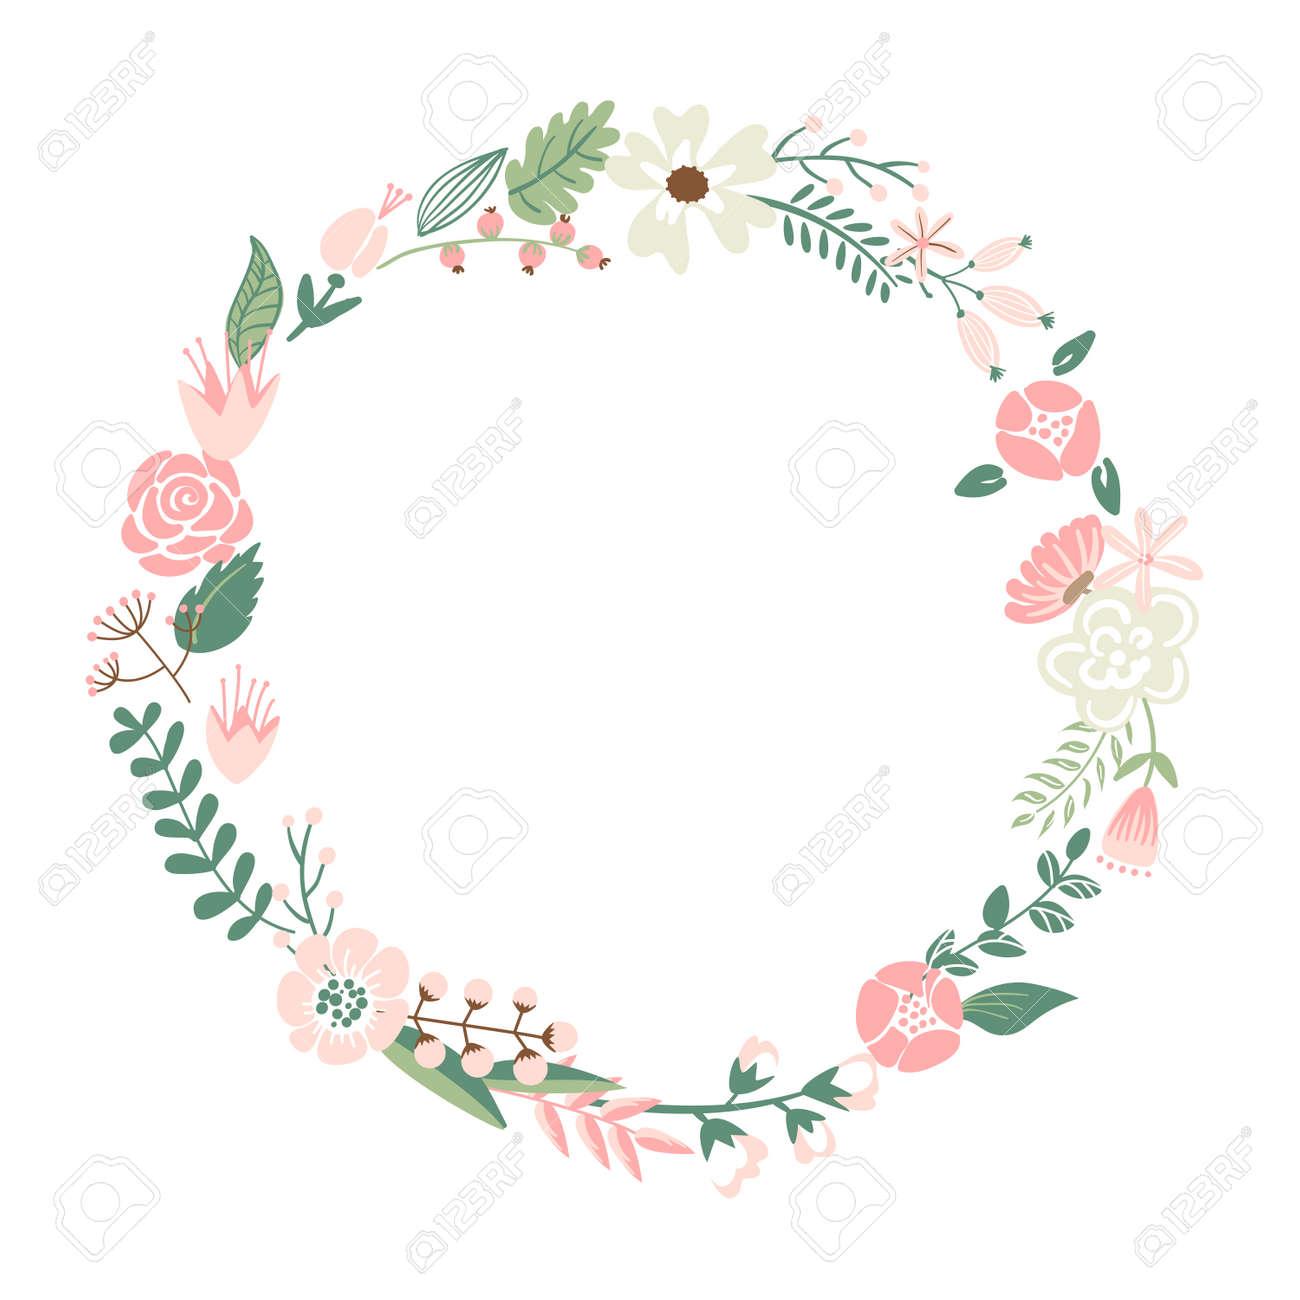 De Rétros Fleurs Mignonnes Disposées En Forme De La Couronne